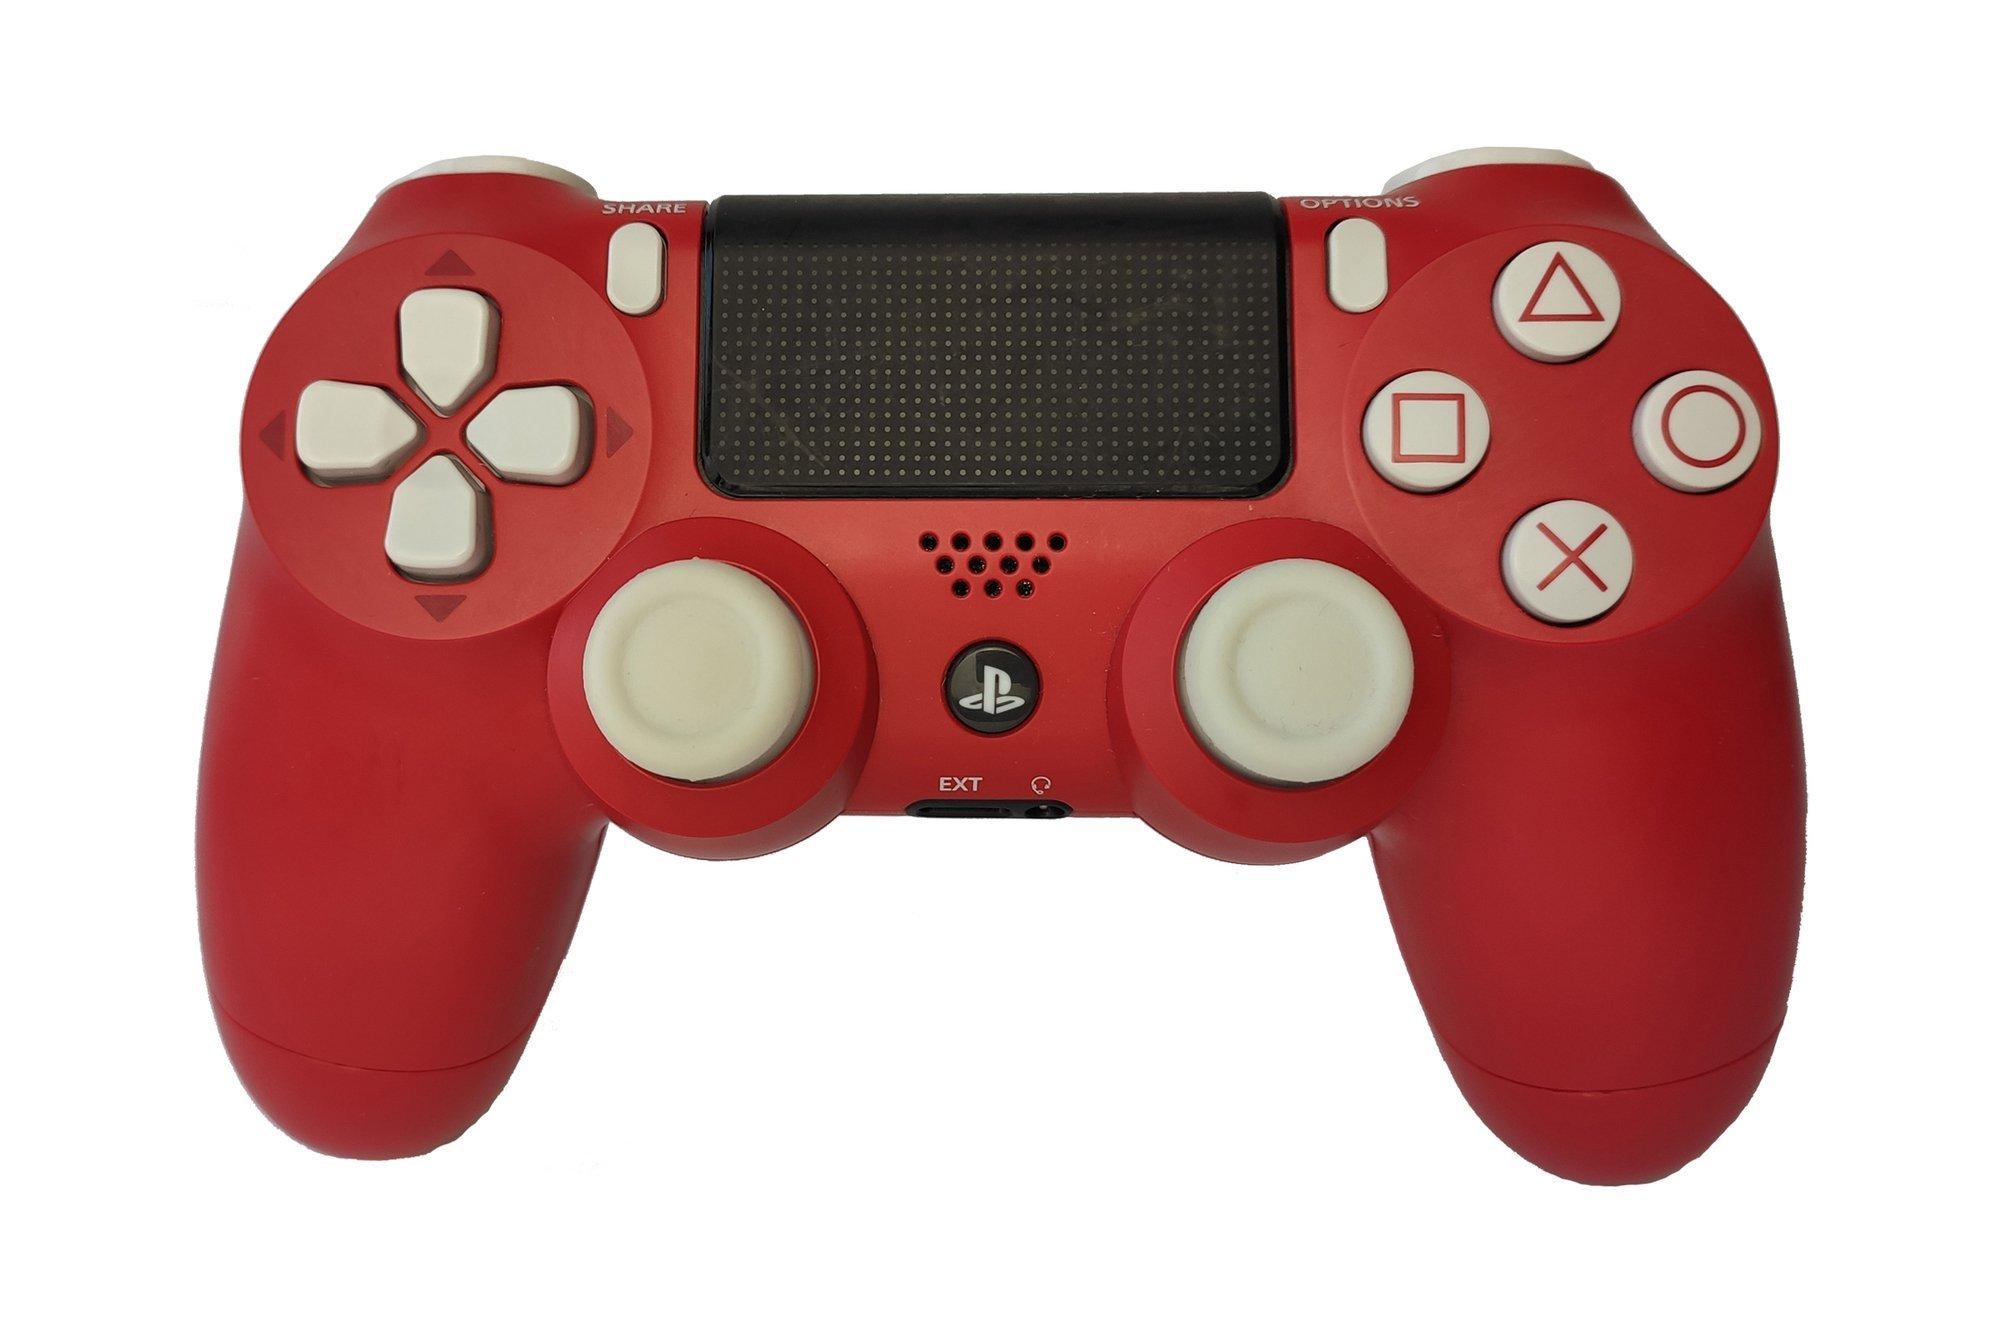 Gamepad Kontroler Playstation 4 PS4 v2 Spiderman